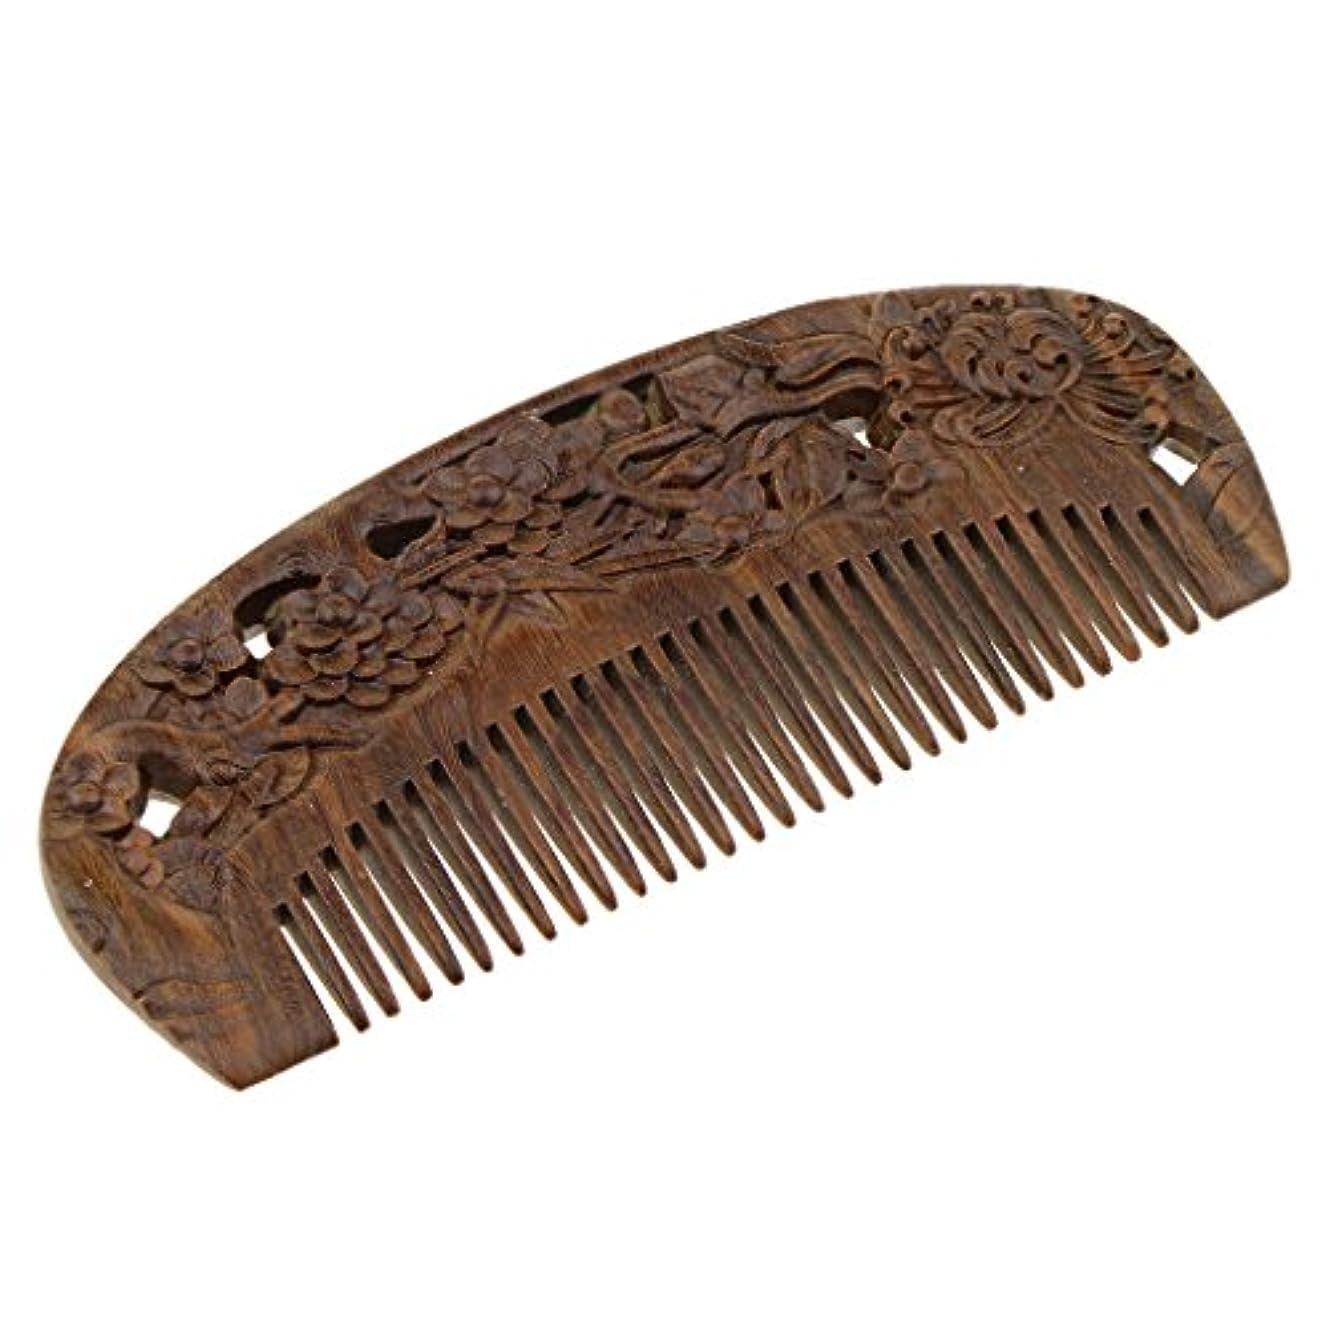 皮肉困惑する黒ヘアコーム 木製櫛 頭皮マッサージ 櫛 ヘアスタイリング 高品質 2タイプ選べる - #2